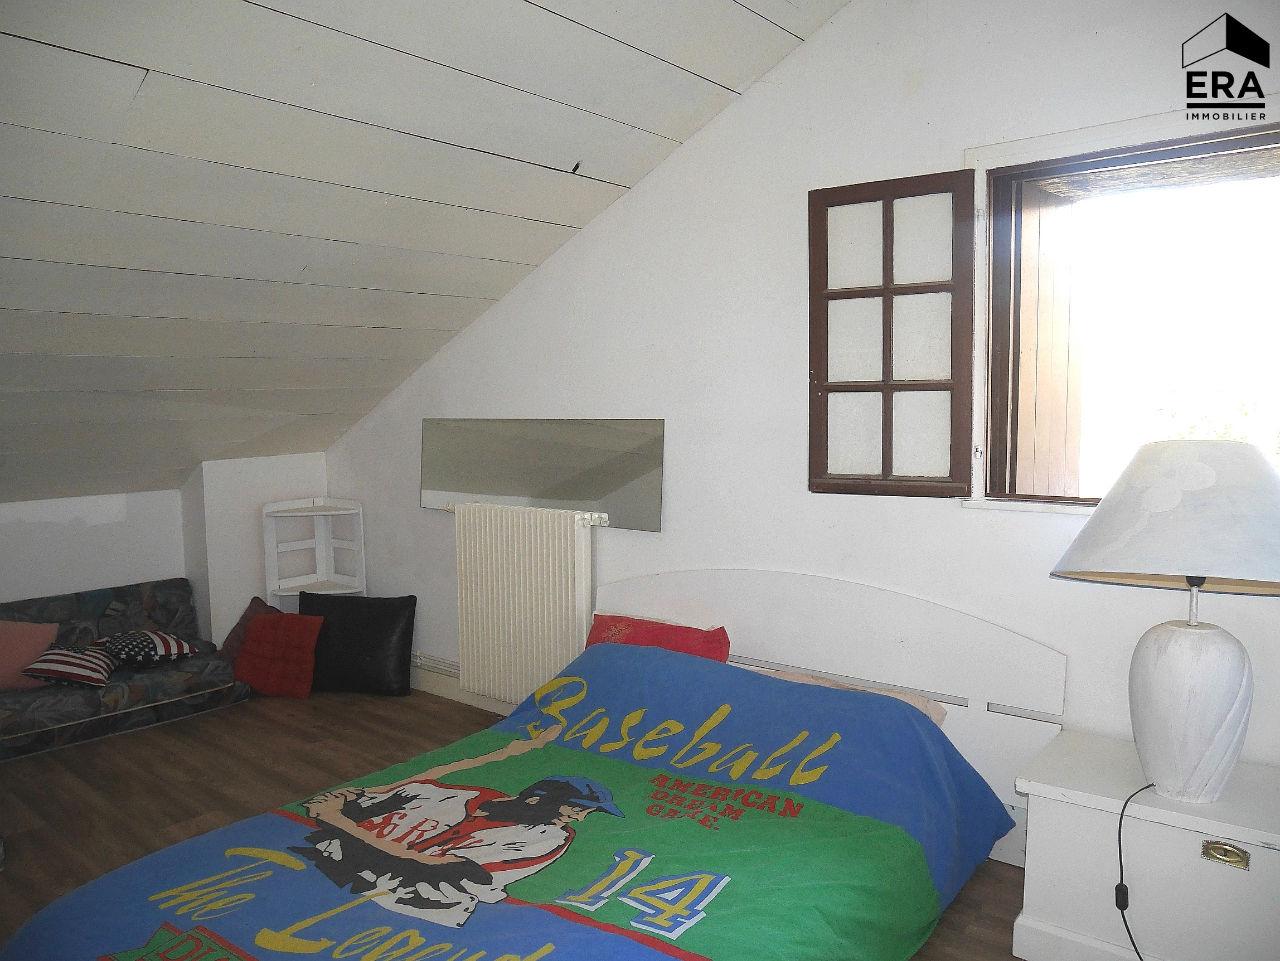 Vente appartement T4  à SAINT JEAN DE LUZ - 4